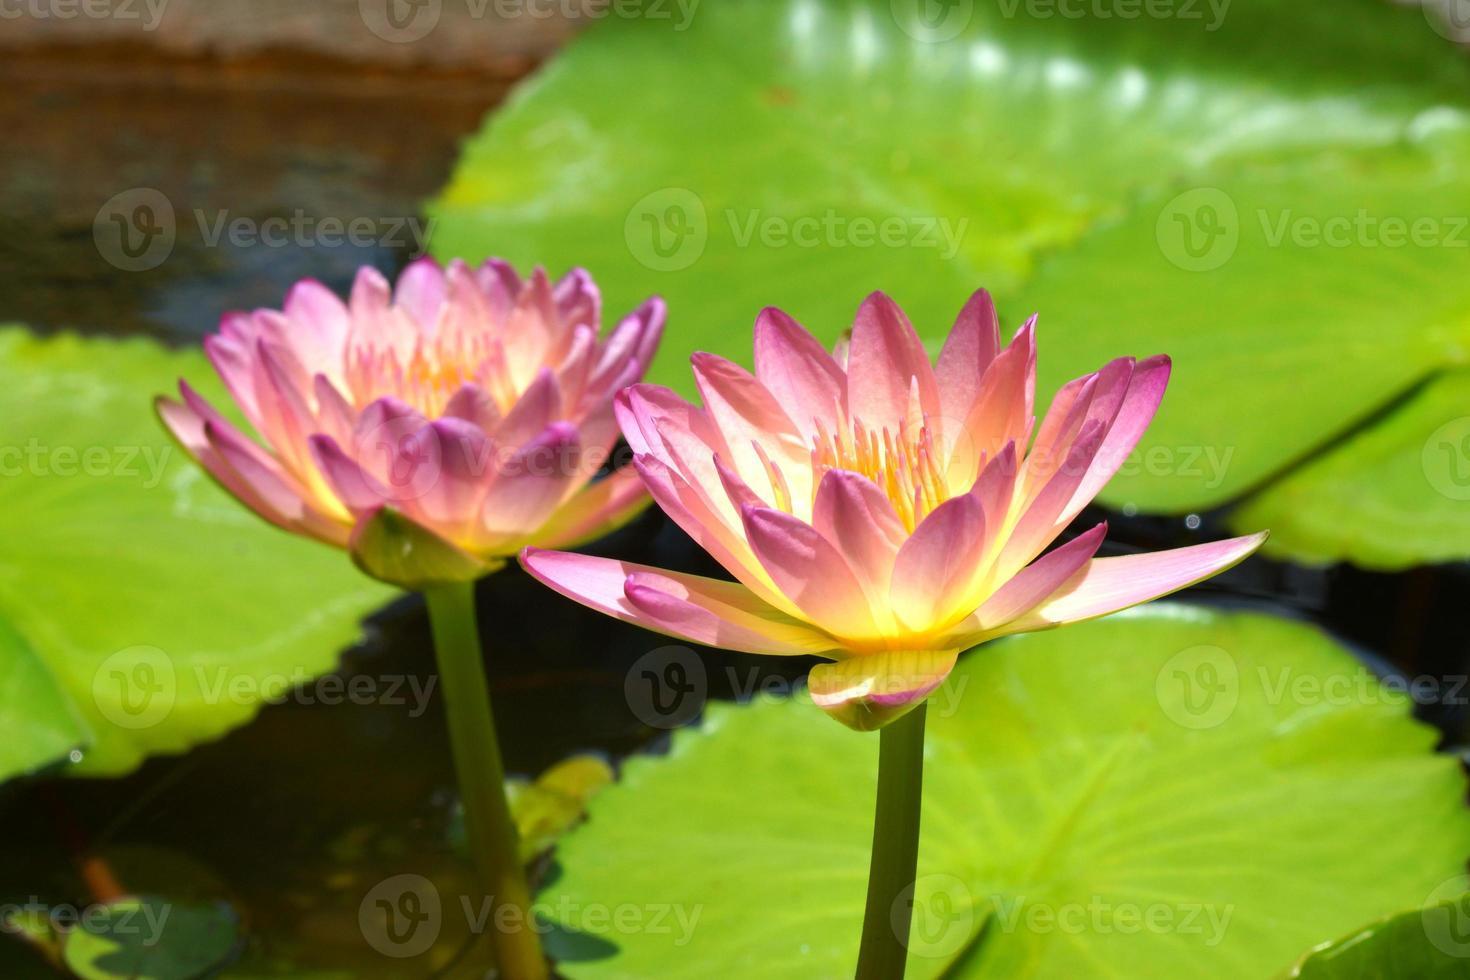 mooie hybride waterleliebloem. foto